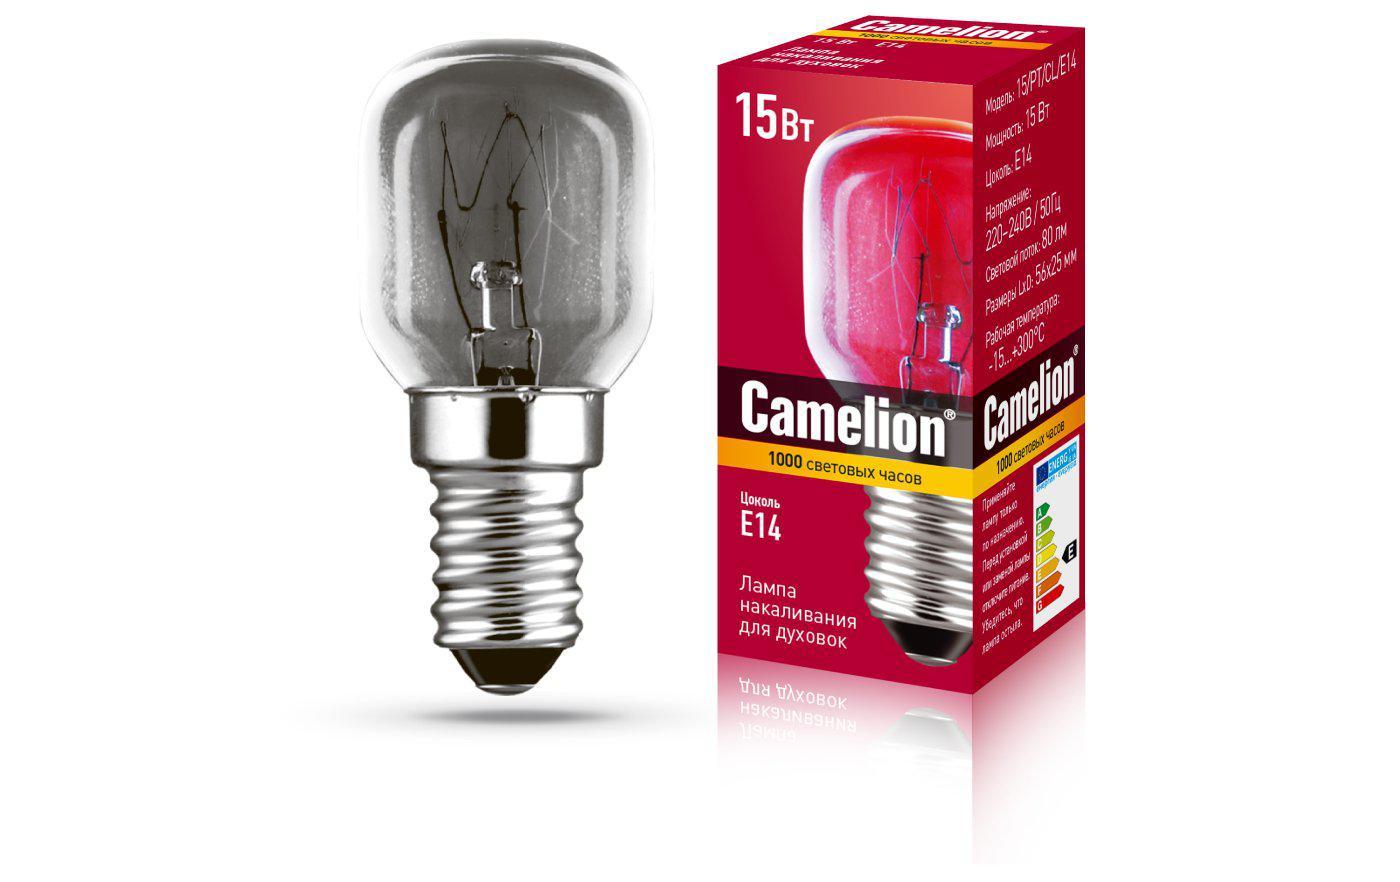 Лампа Camelion Mic-15/pt/cl/e14